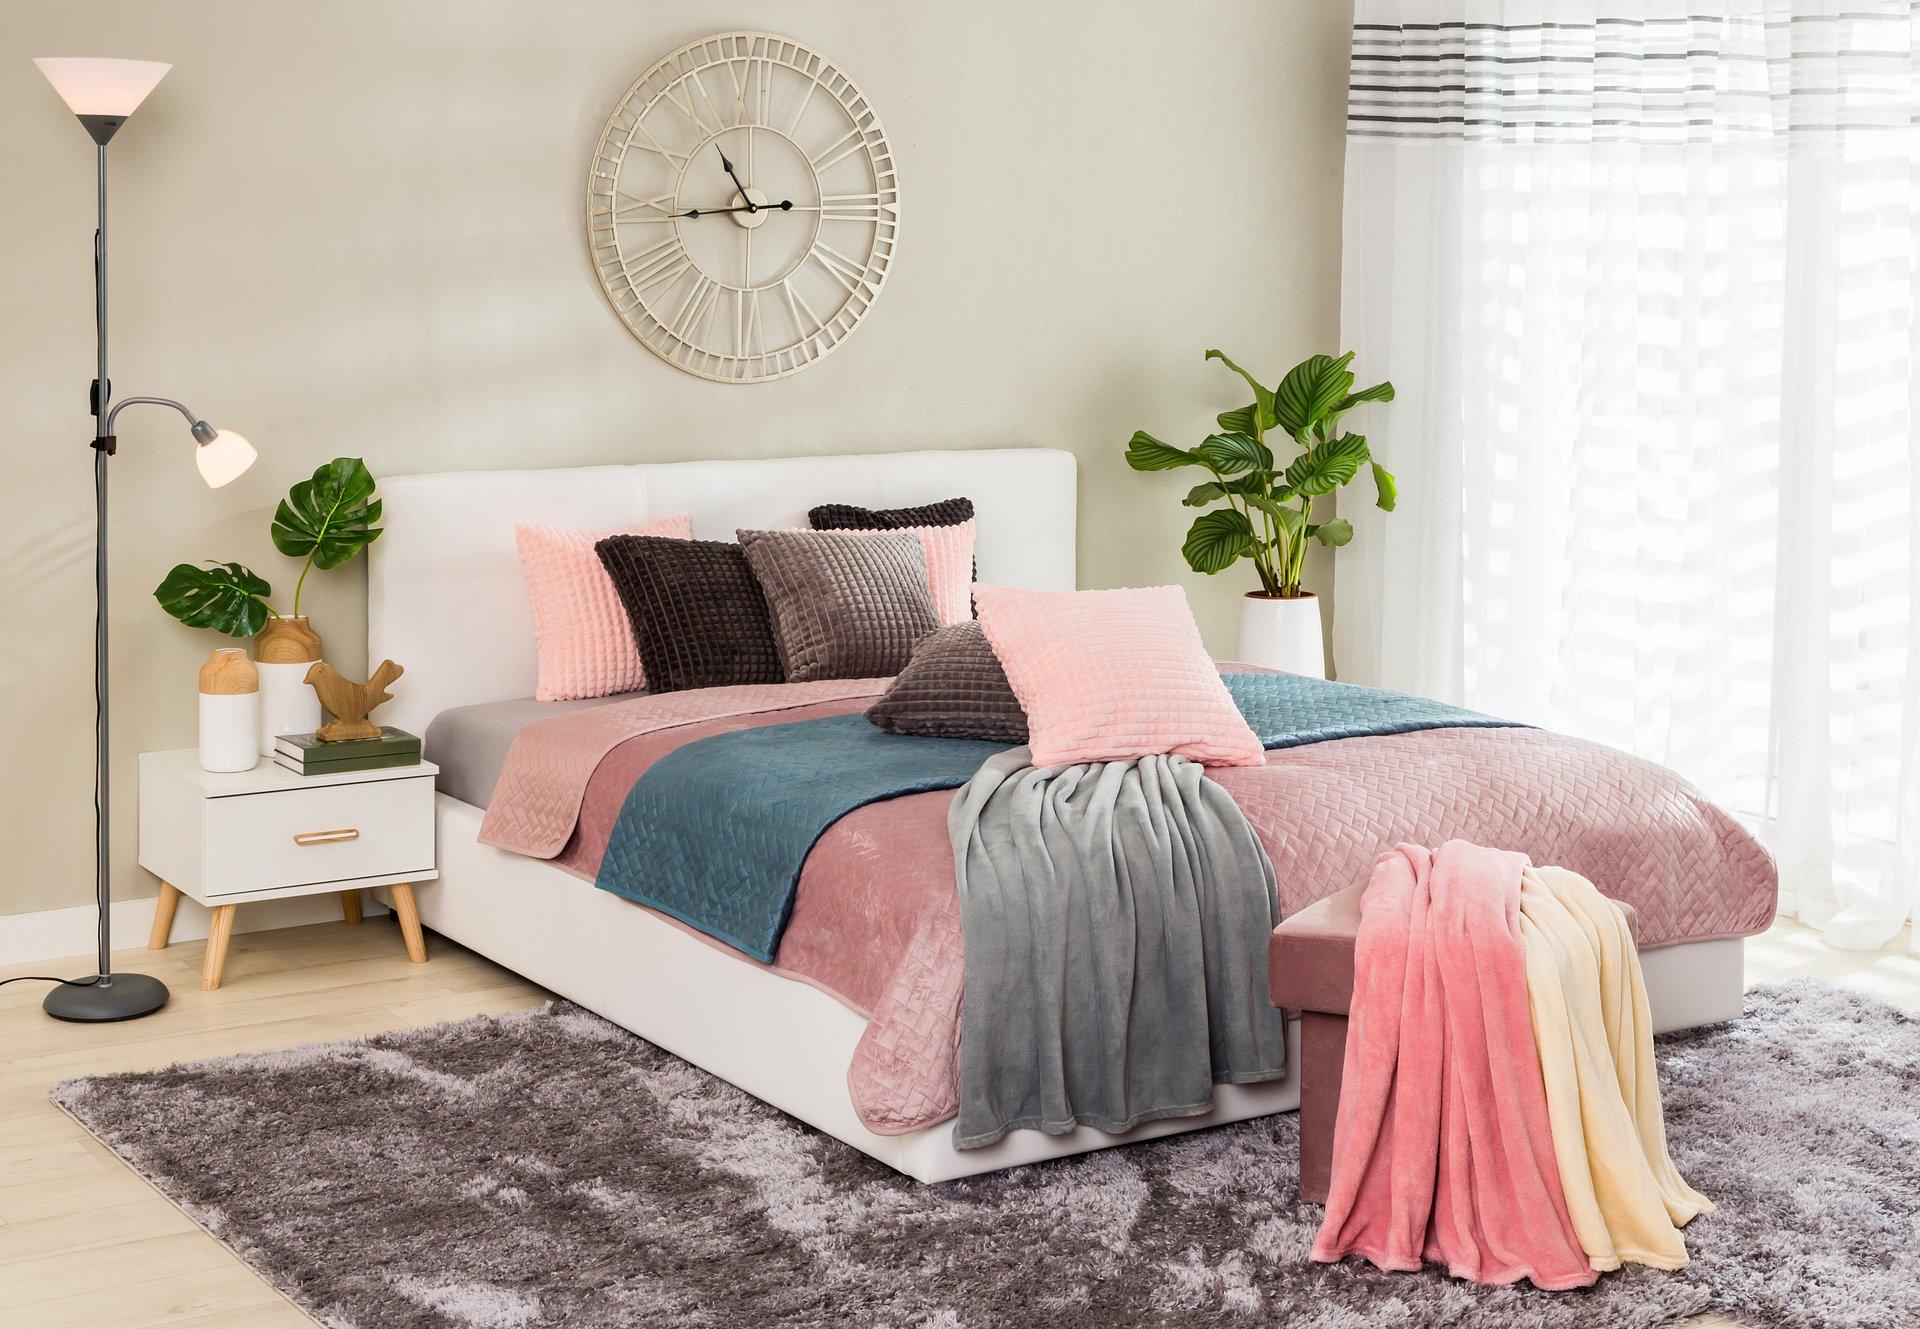 Wiosenne dekoracje w sypialni - najmodniejszy trend tego sezonu!